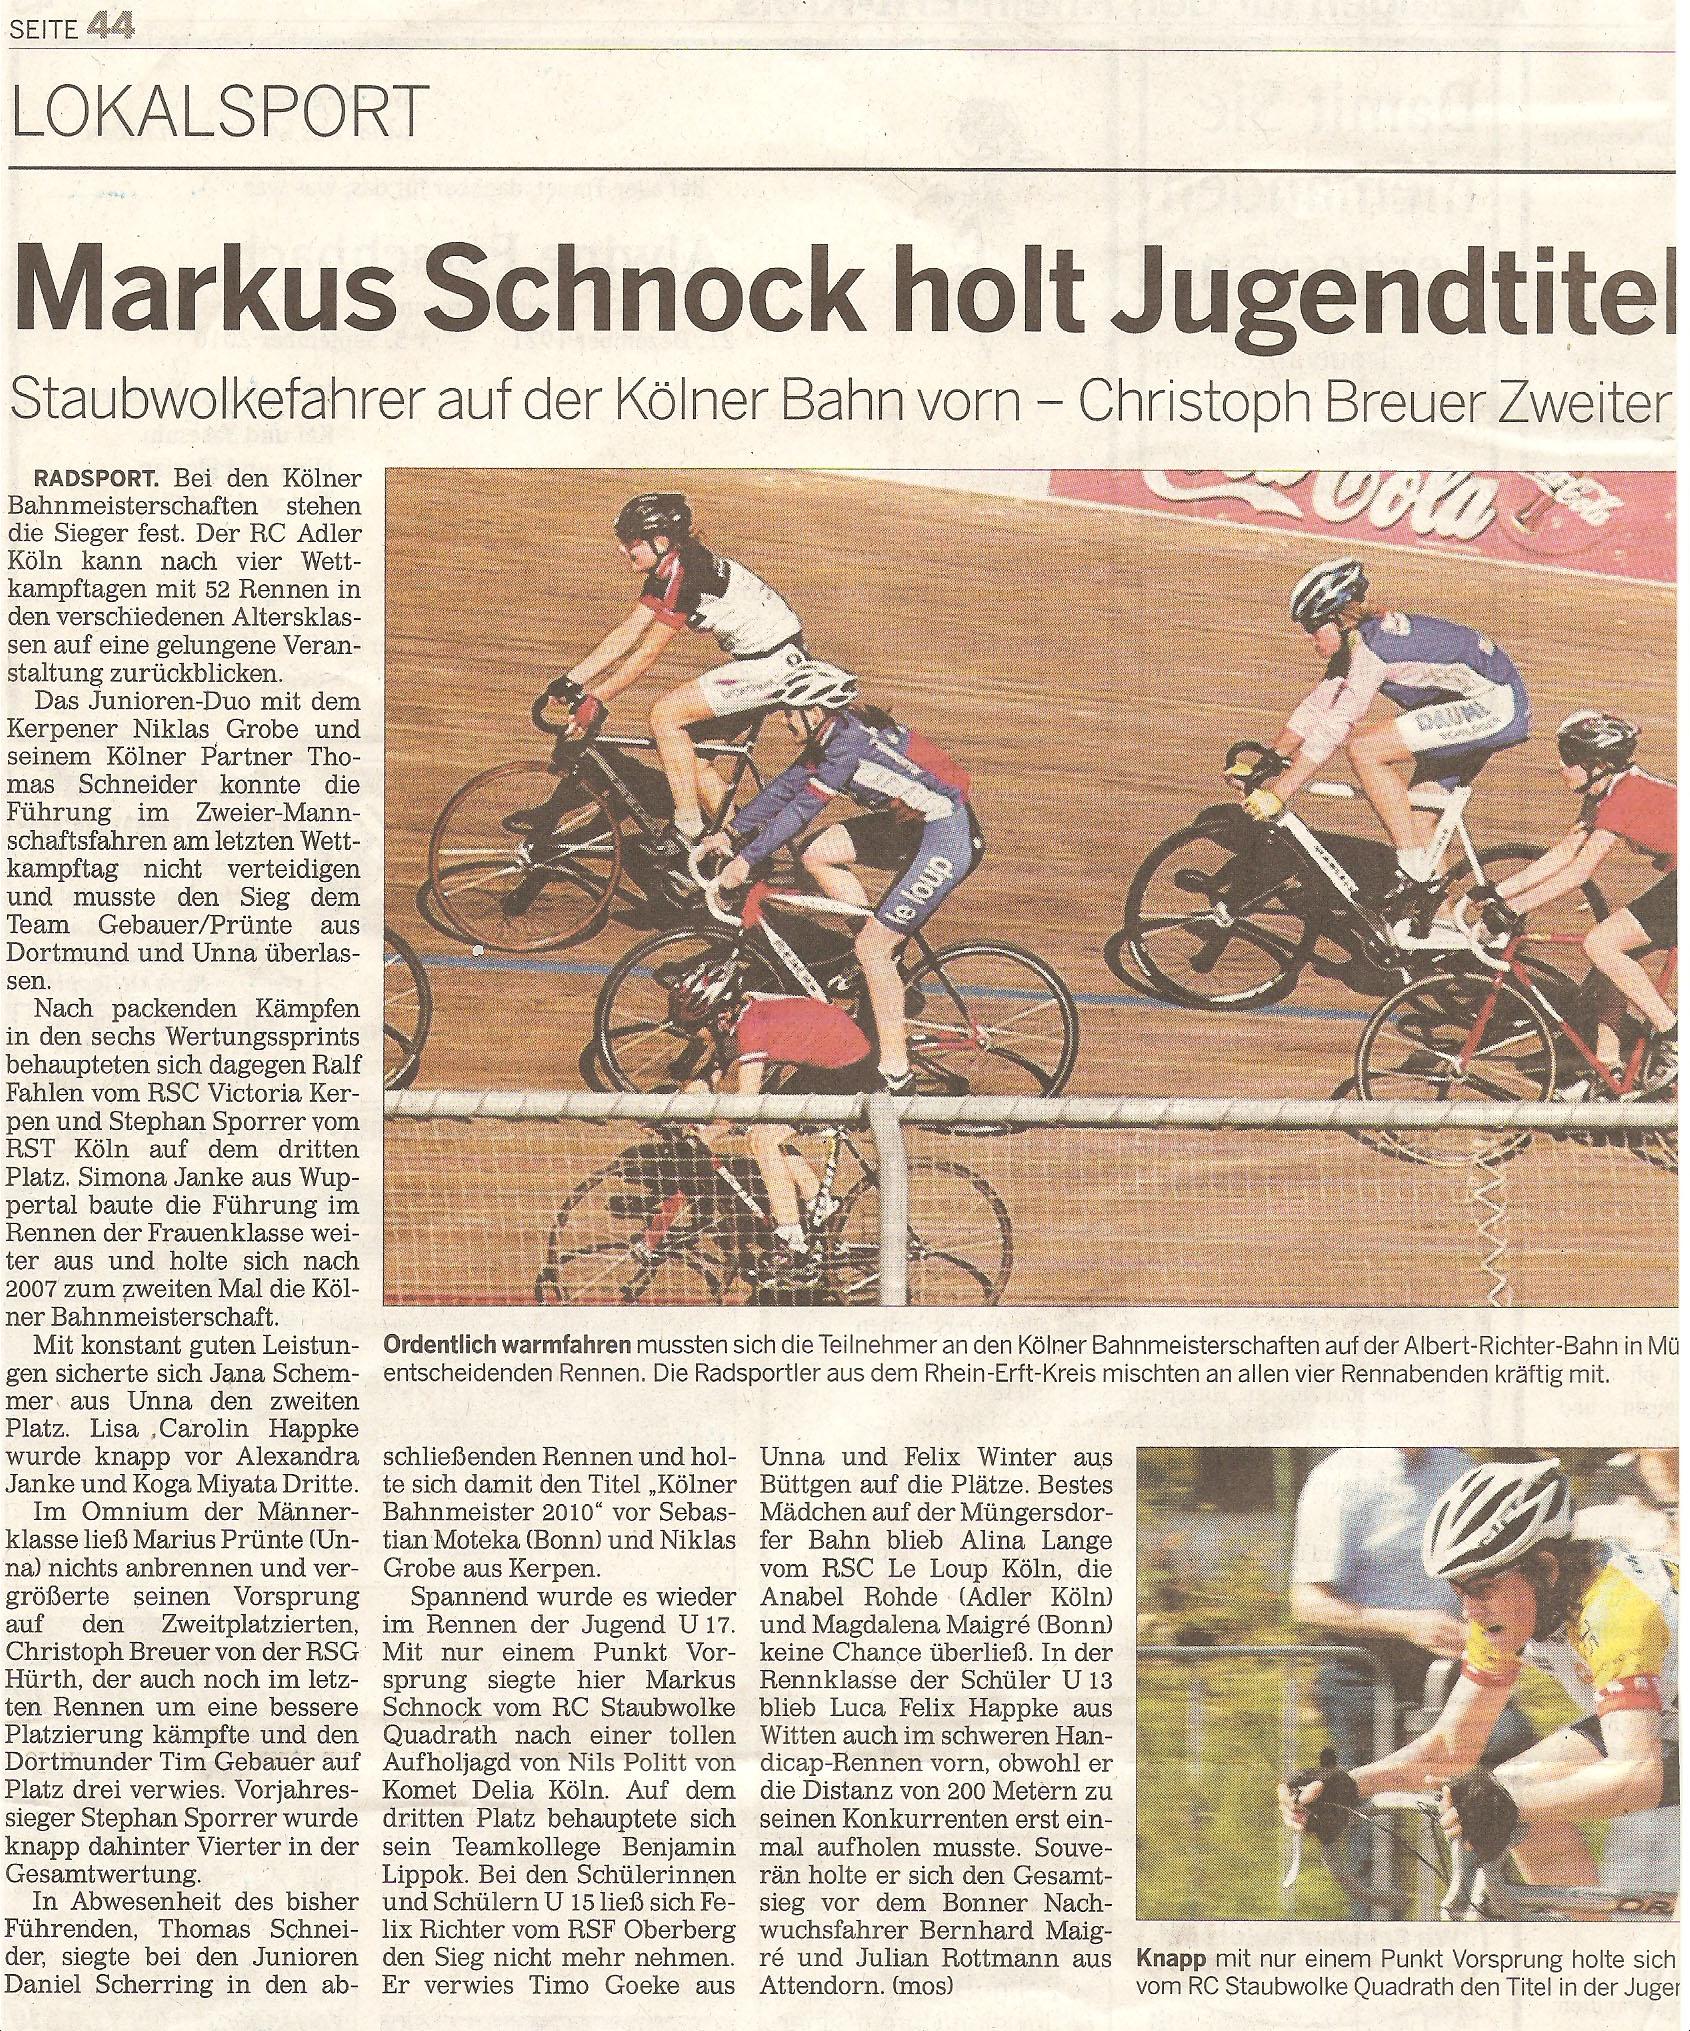 Bericht aus der Rundschau vom 08.09.2010